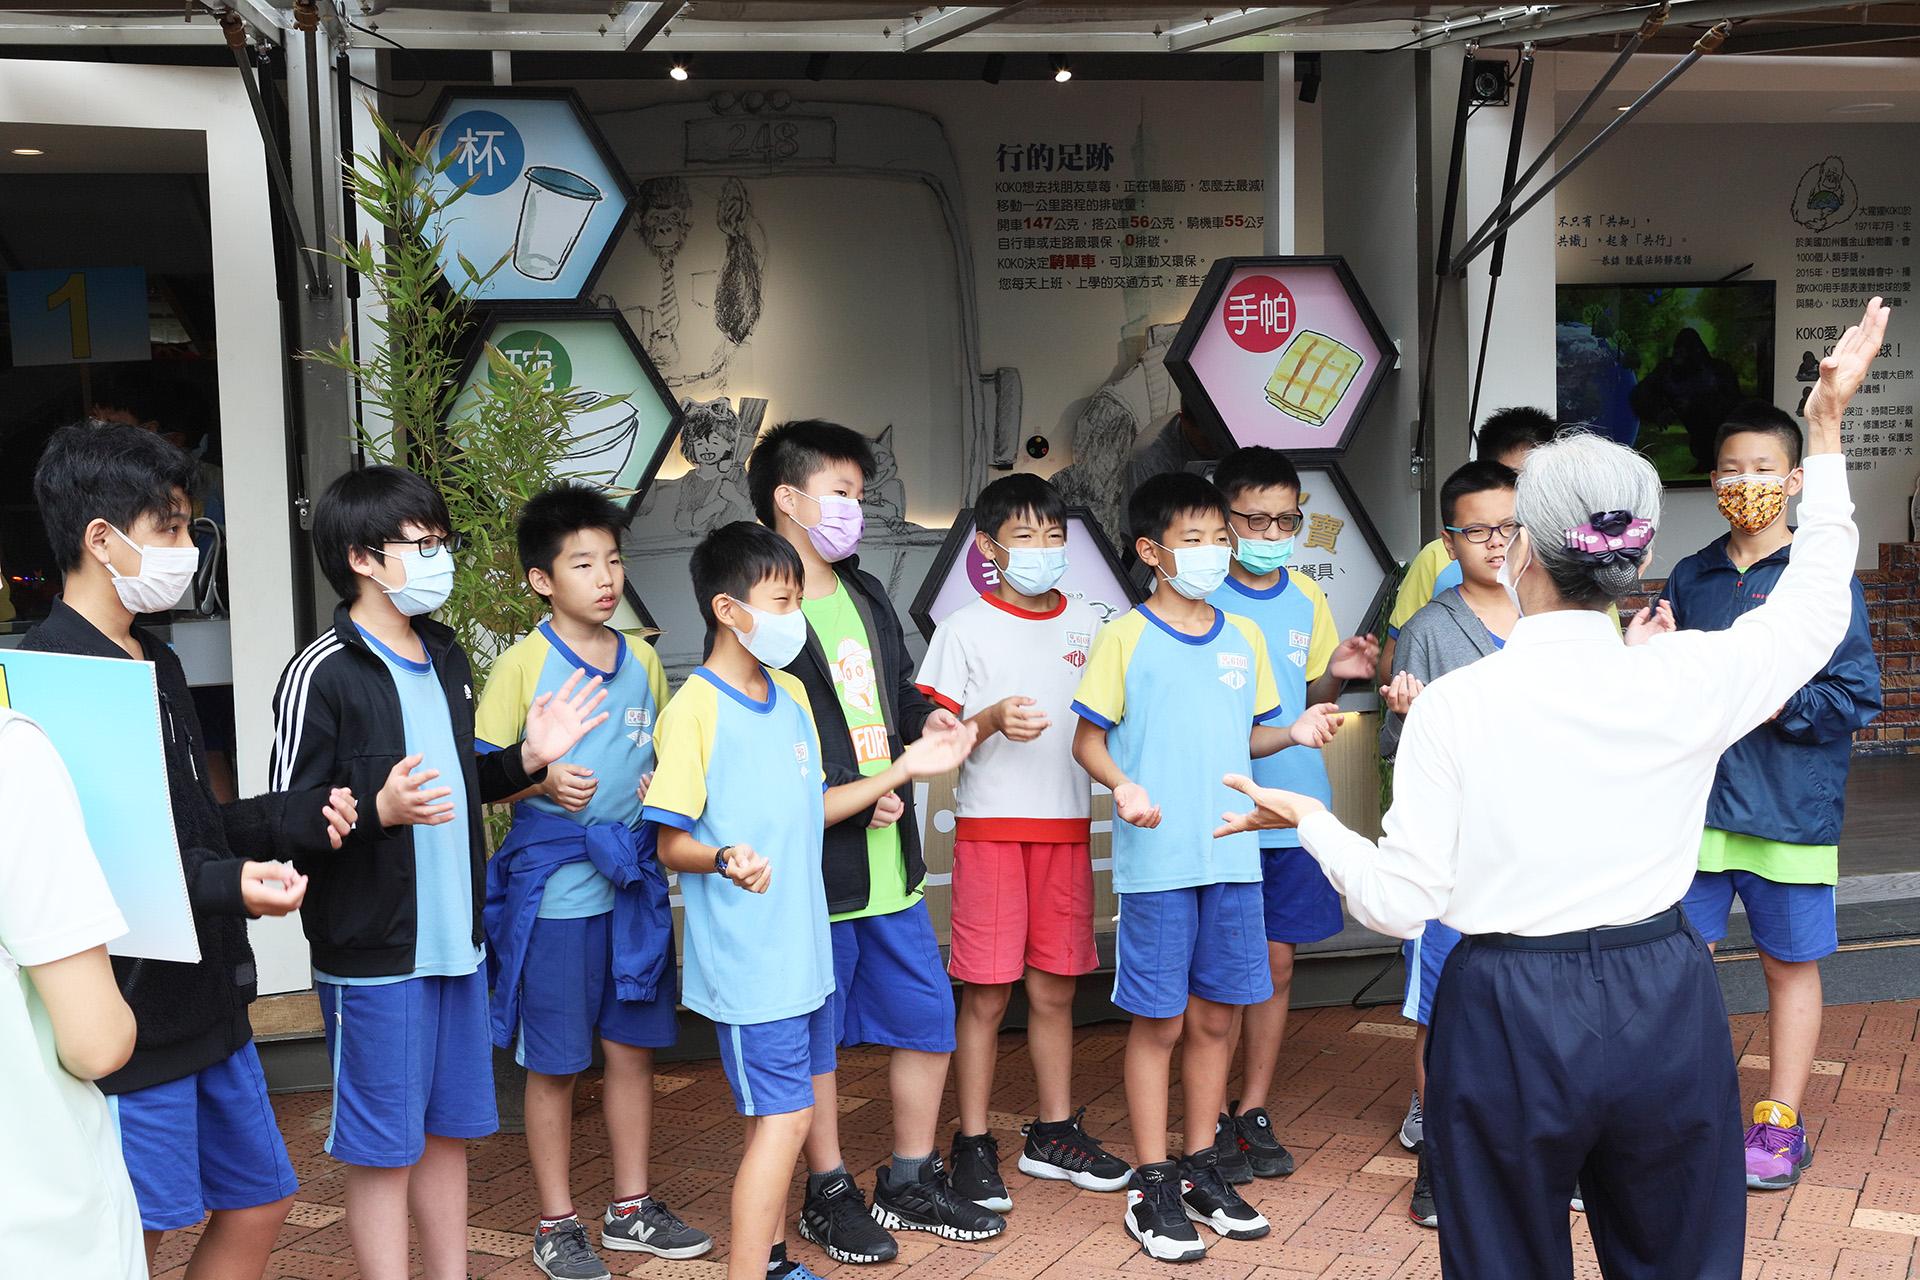 「行動環保教育車」受邀蒞臨在臺北市永建國小舉辦的「109年全國環境教育成果觀摩會暨永續城市國際論壇」展出。